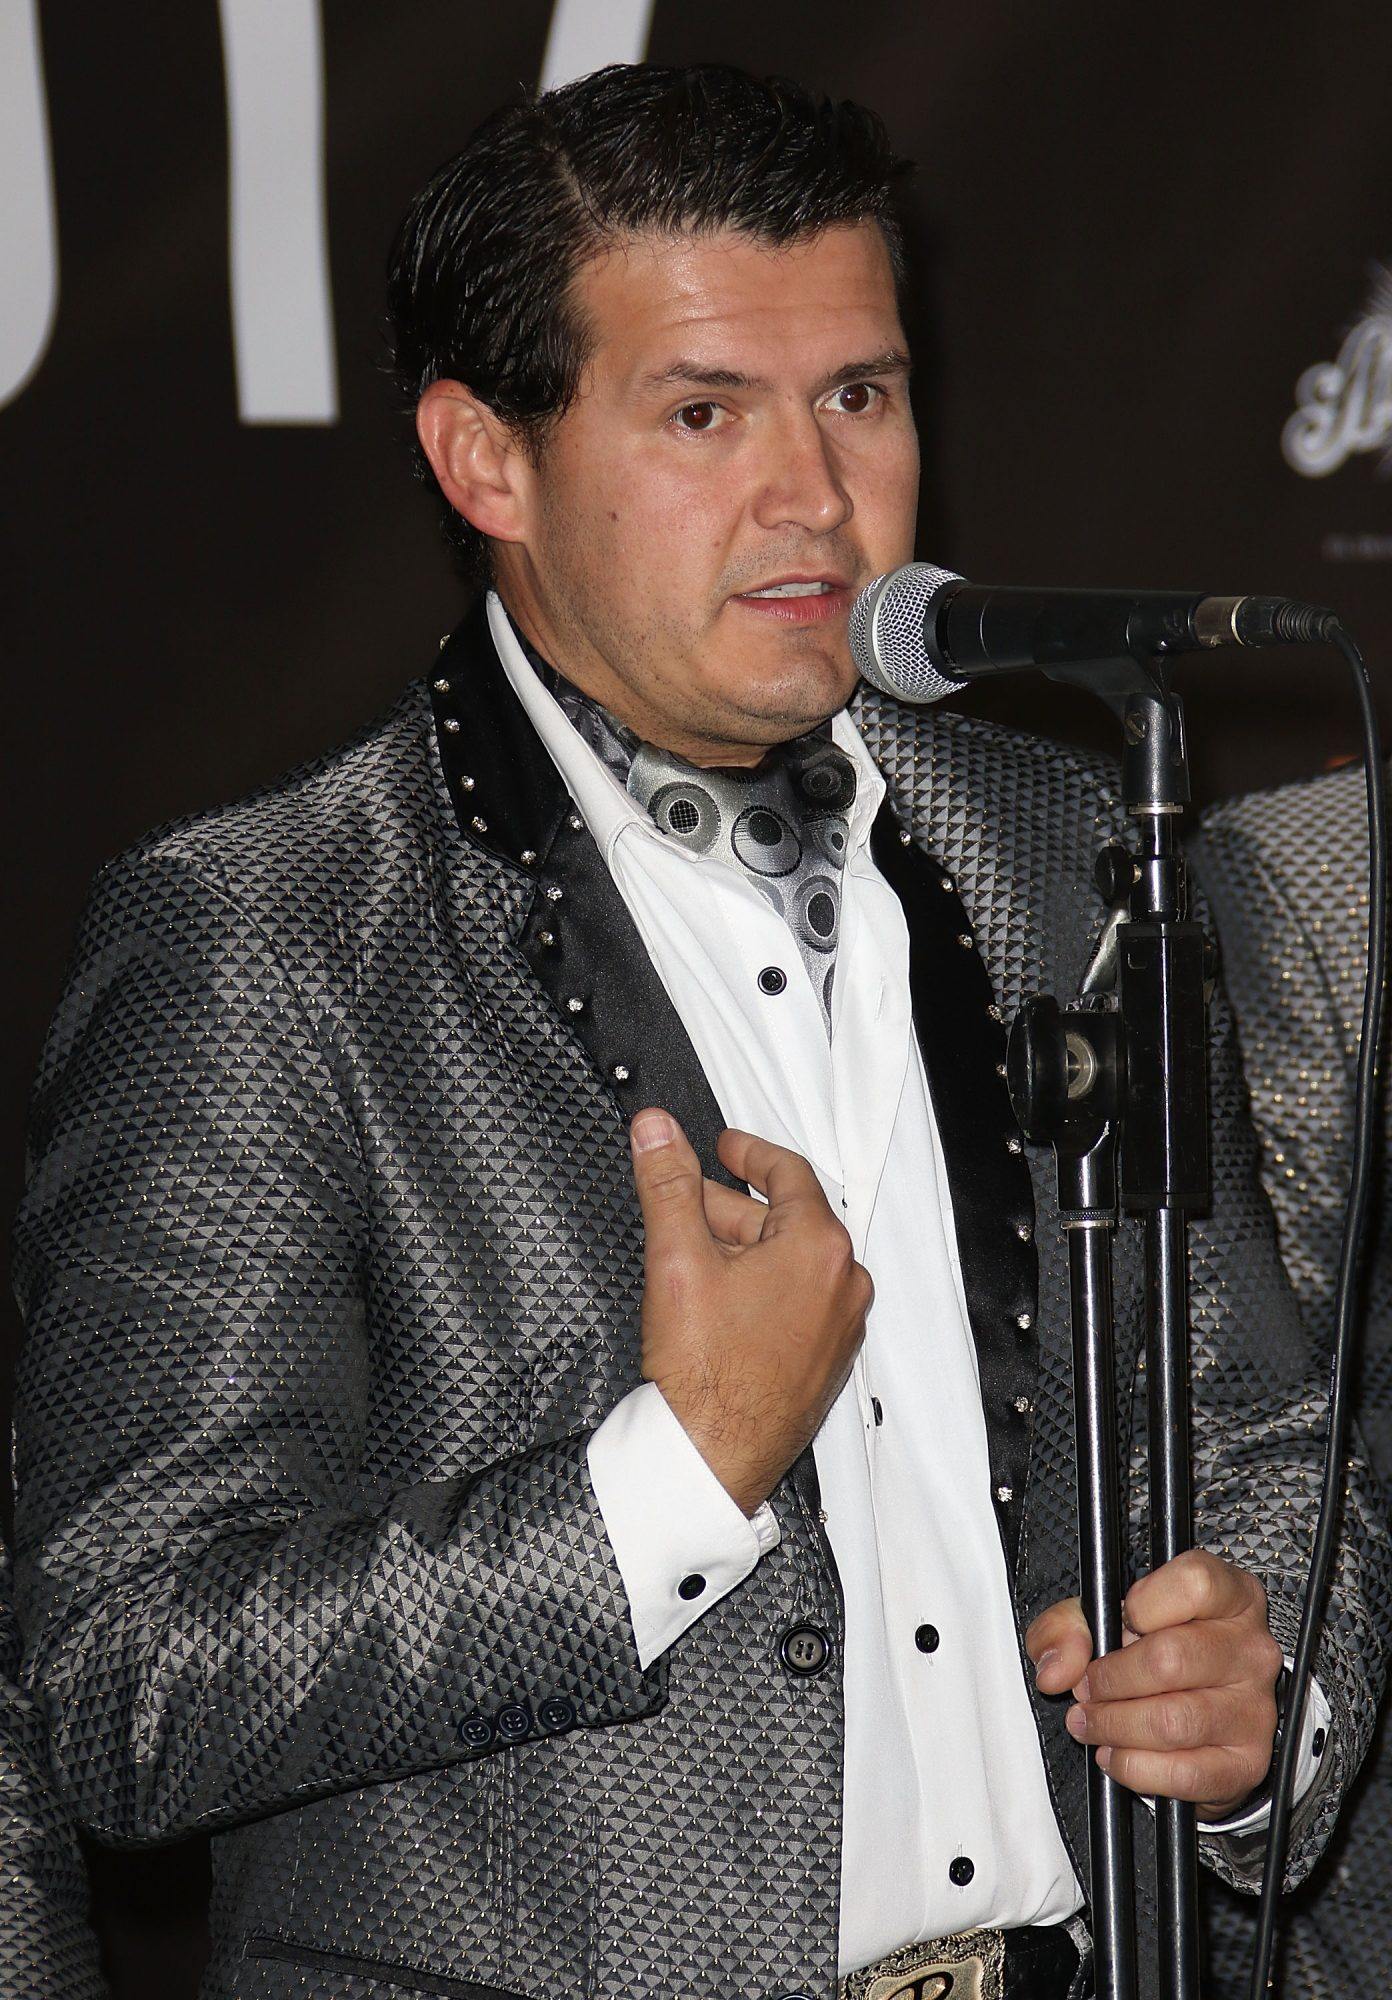 Joel Lizarraga